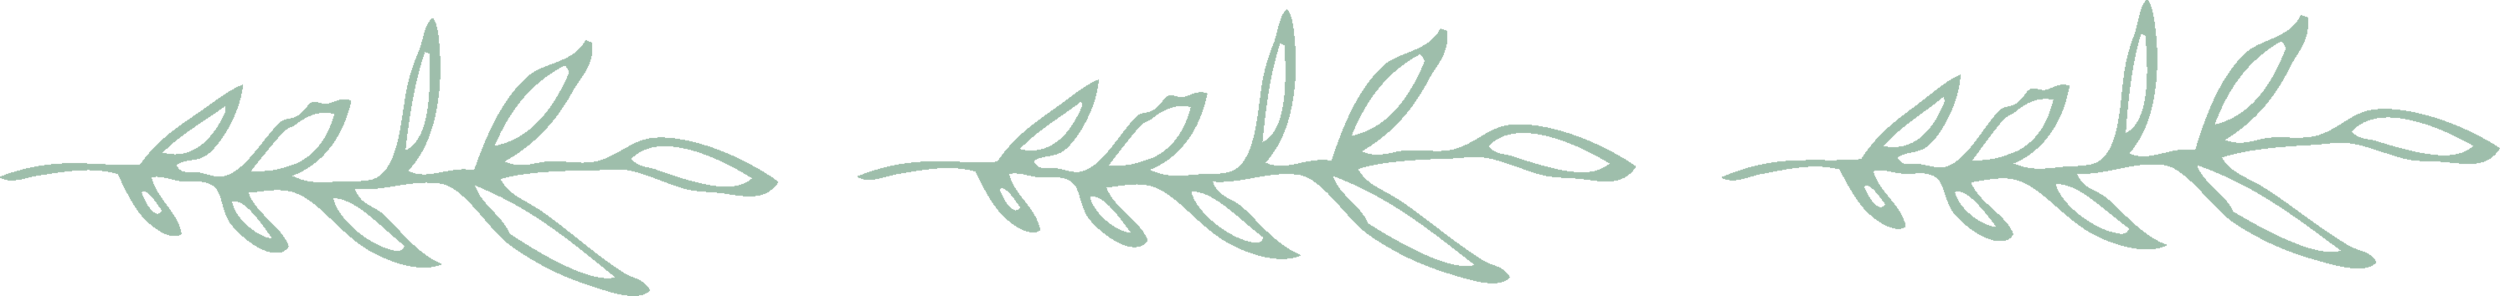 laurels-green.png